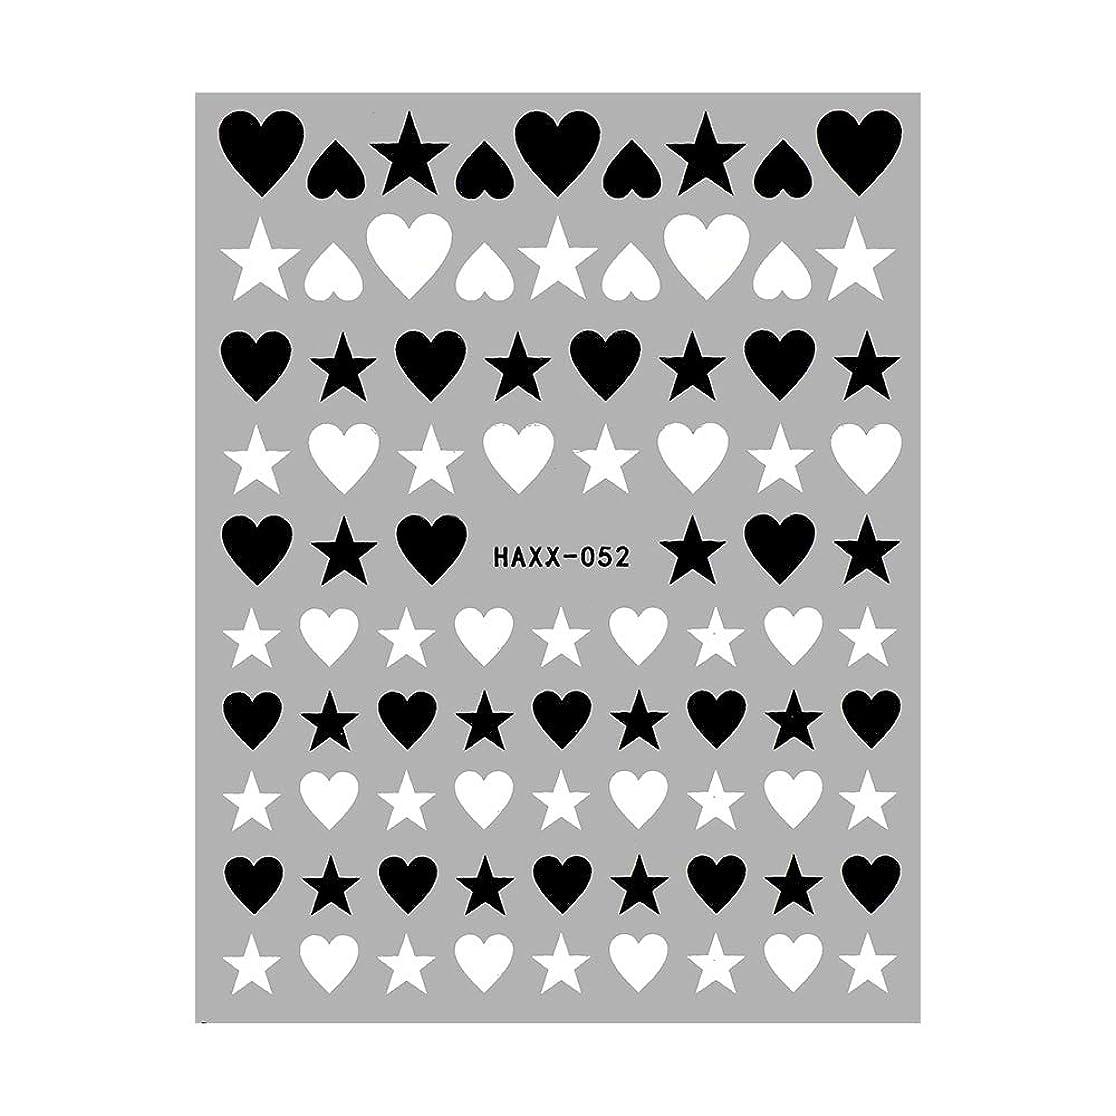 政策区別するピルファーハート&星シール ブラック&ホワイト